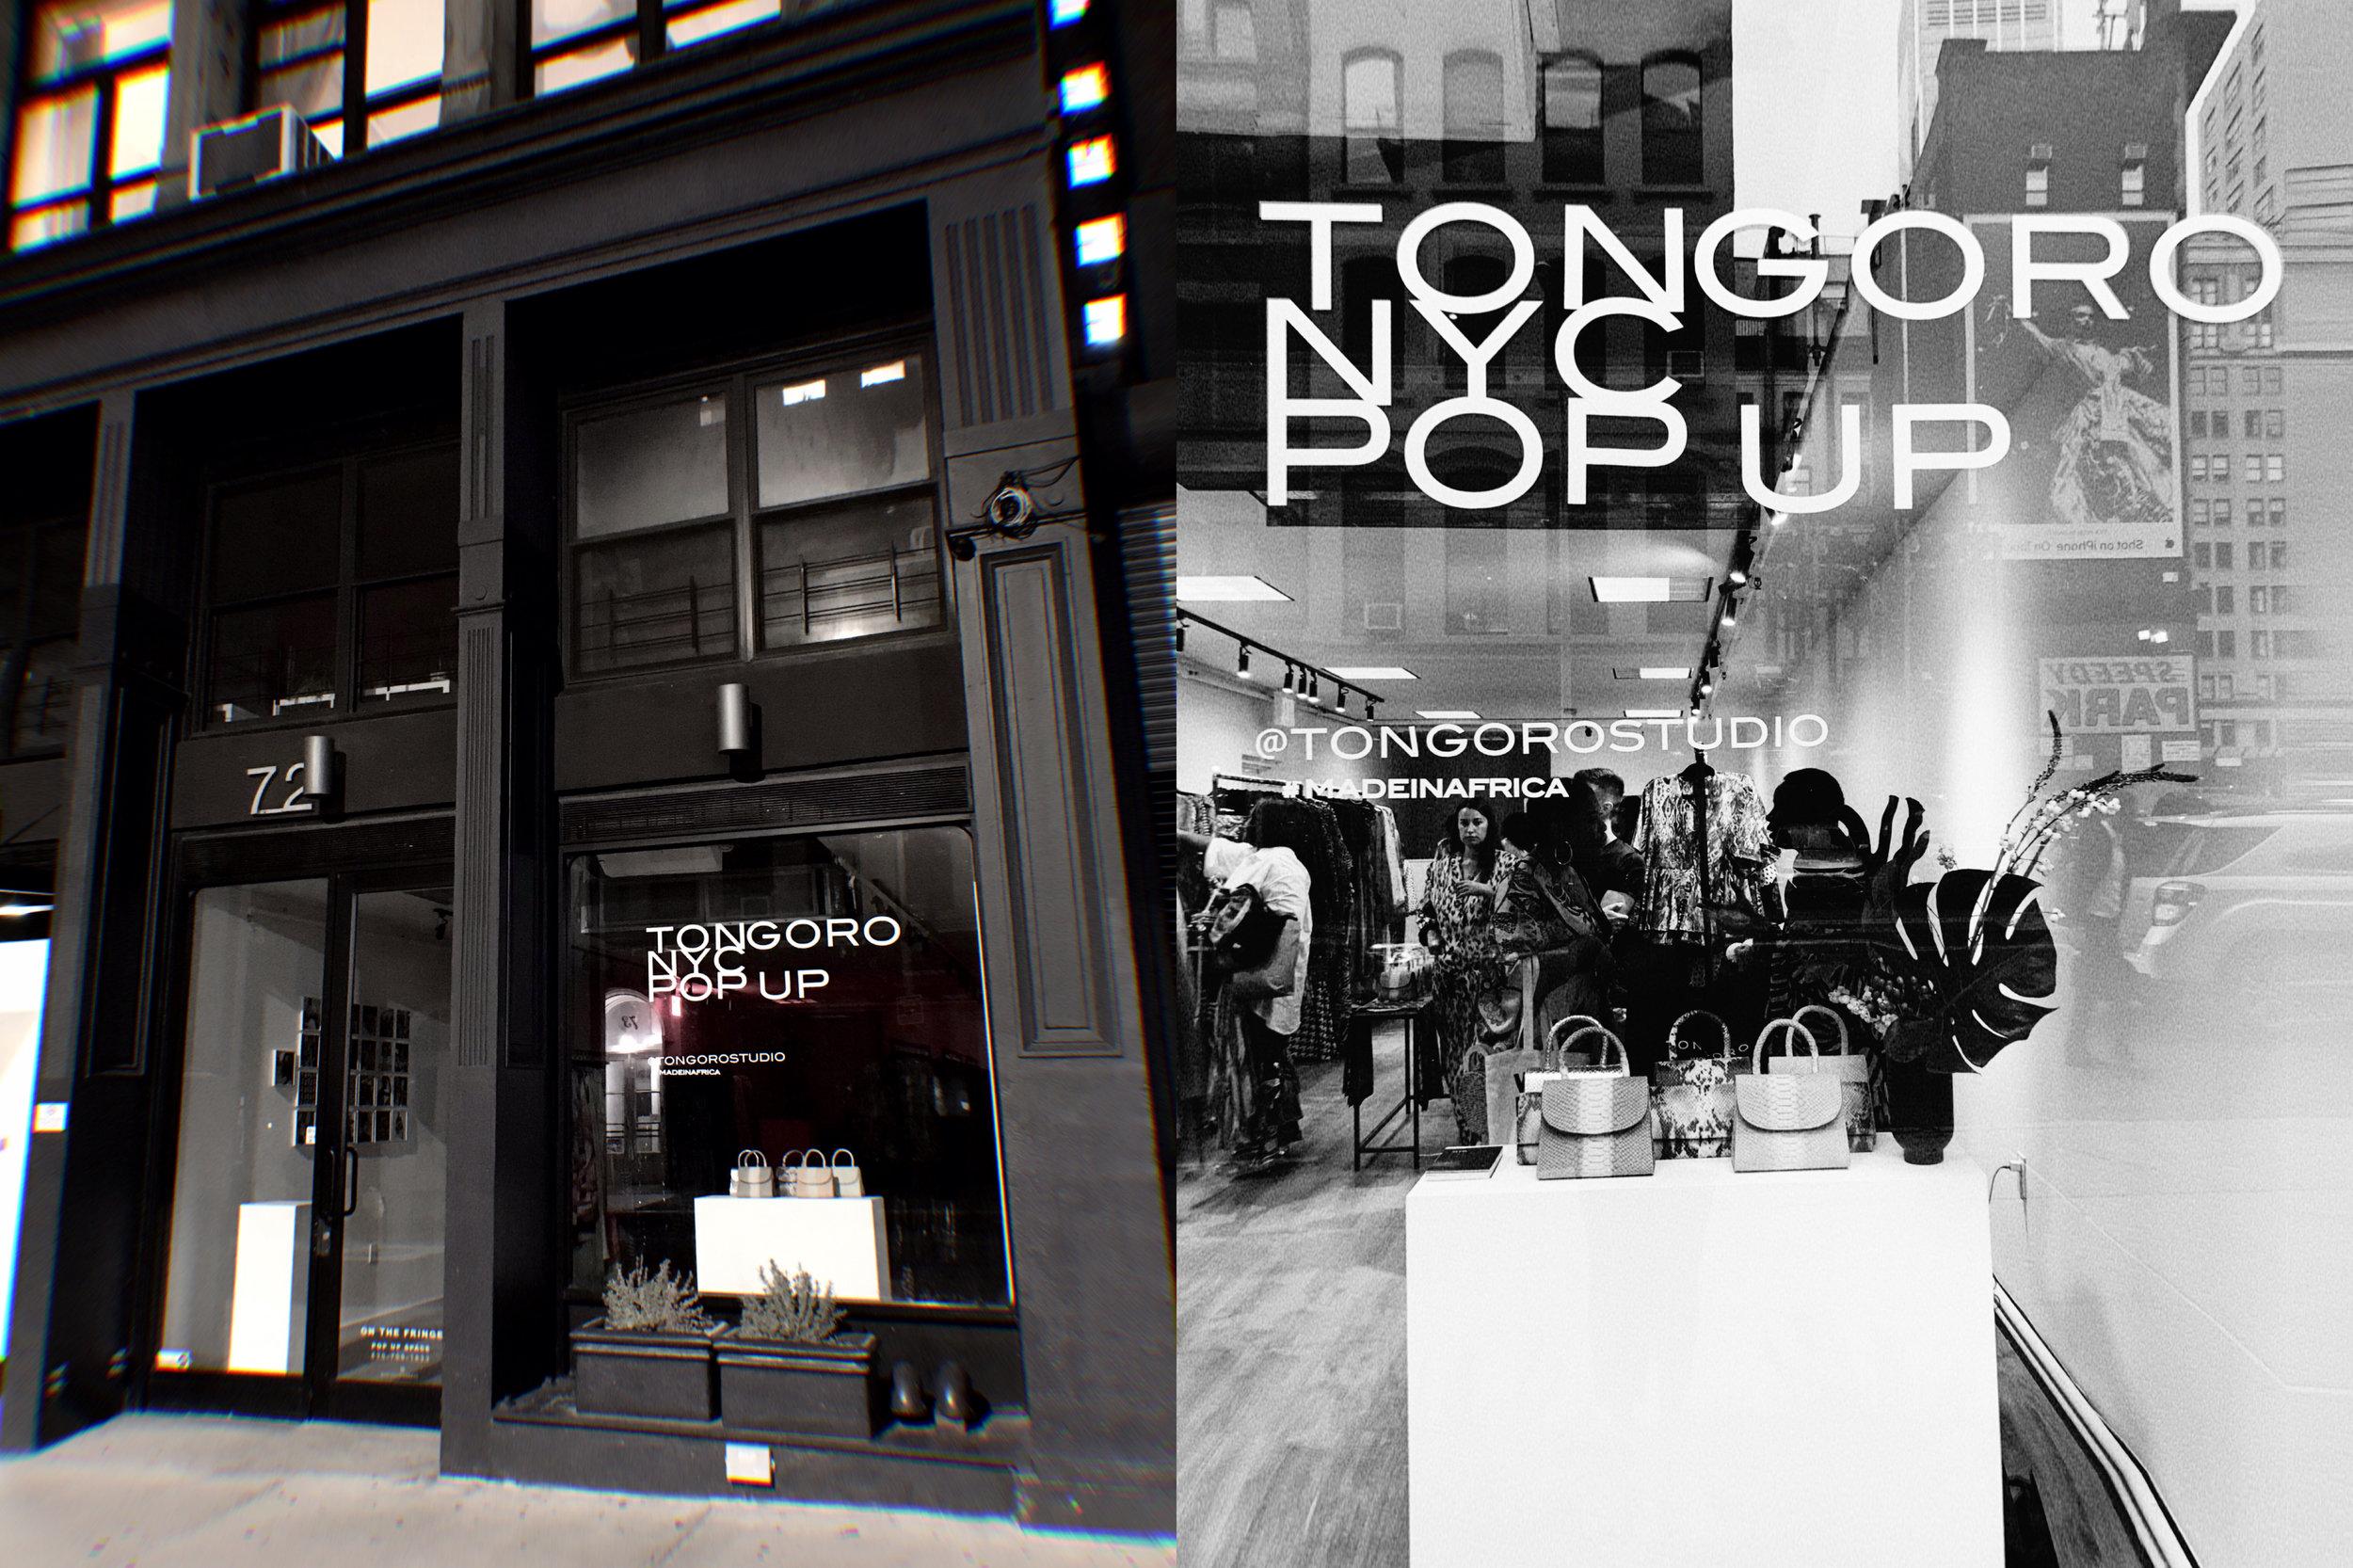 TONGORO POP UP NYC.jpg